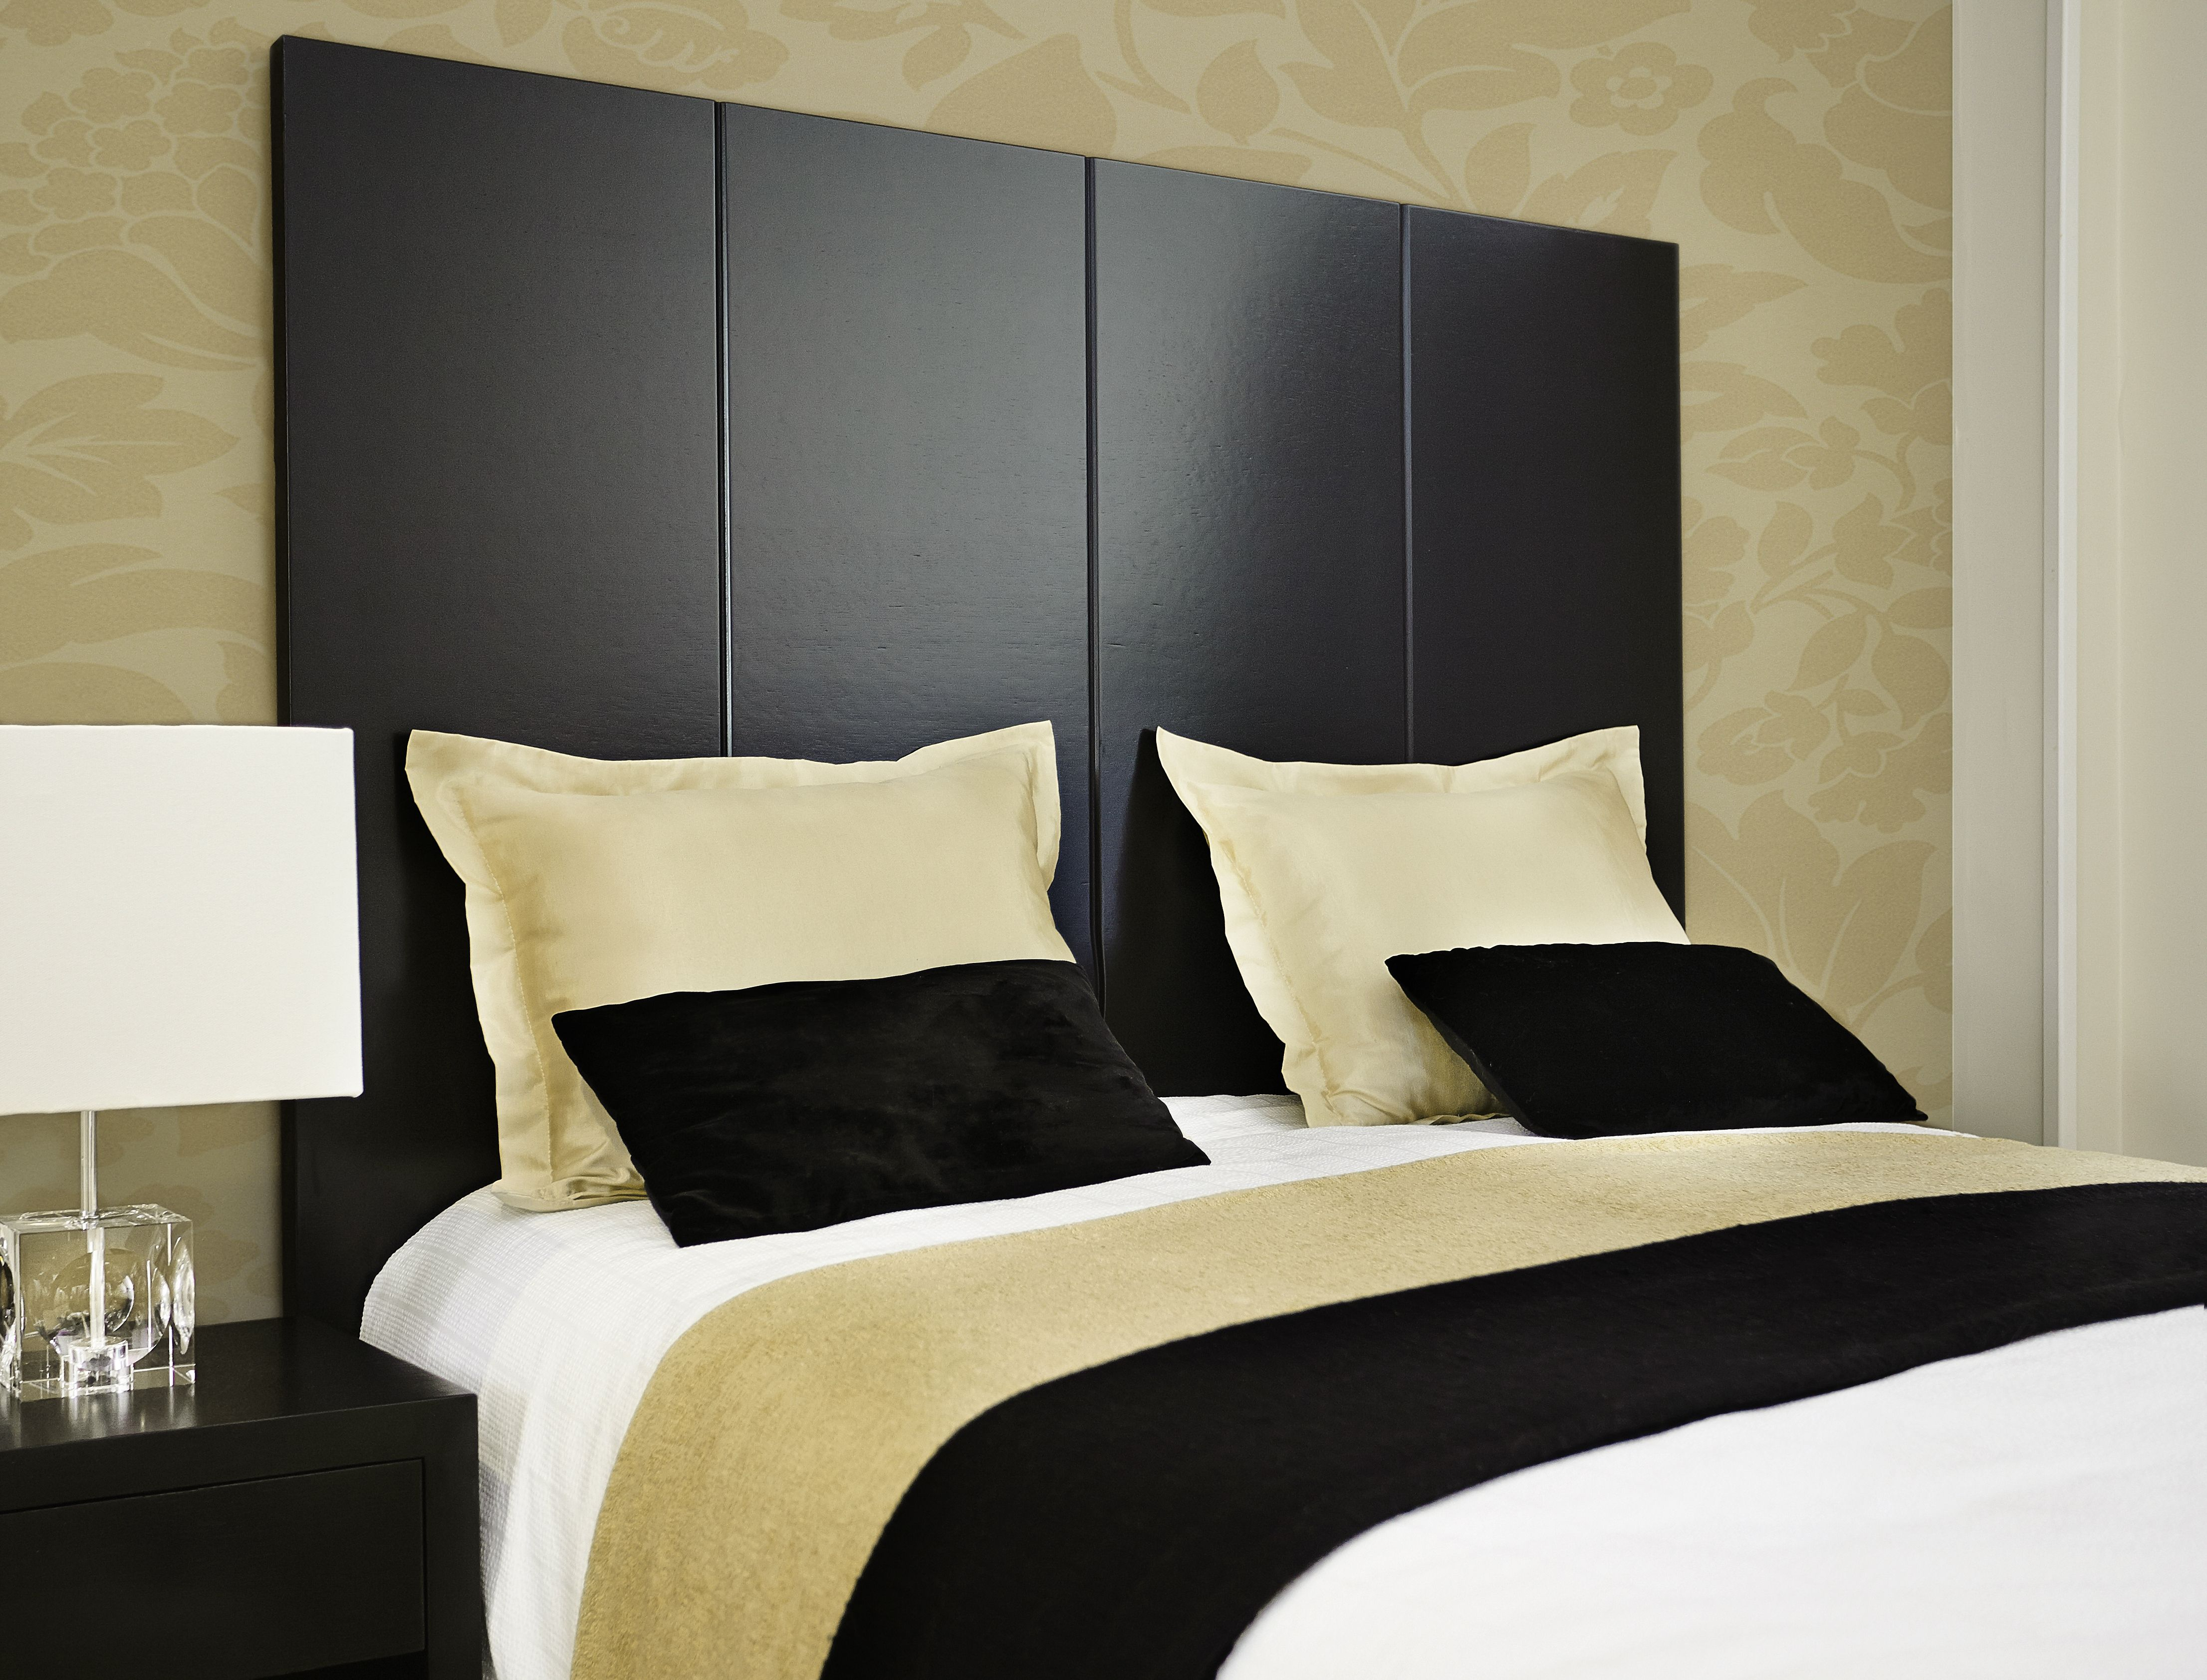 cabecero de cama venecia elegante pieza de roble natural teida en negro emulando los